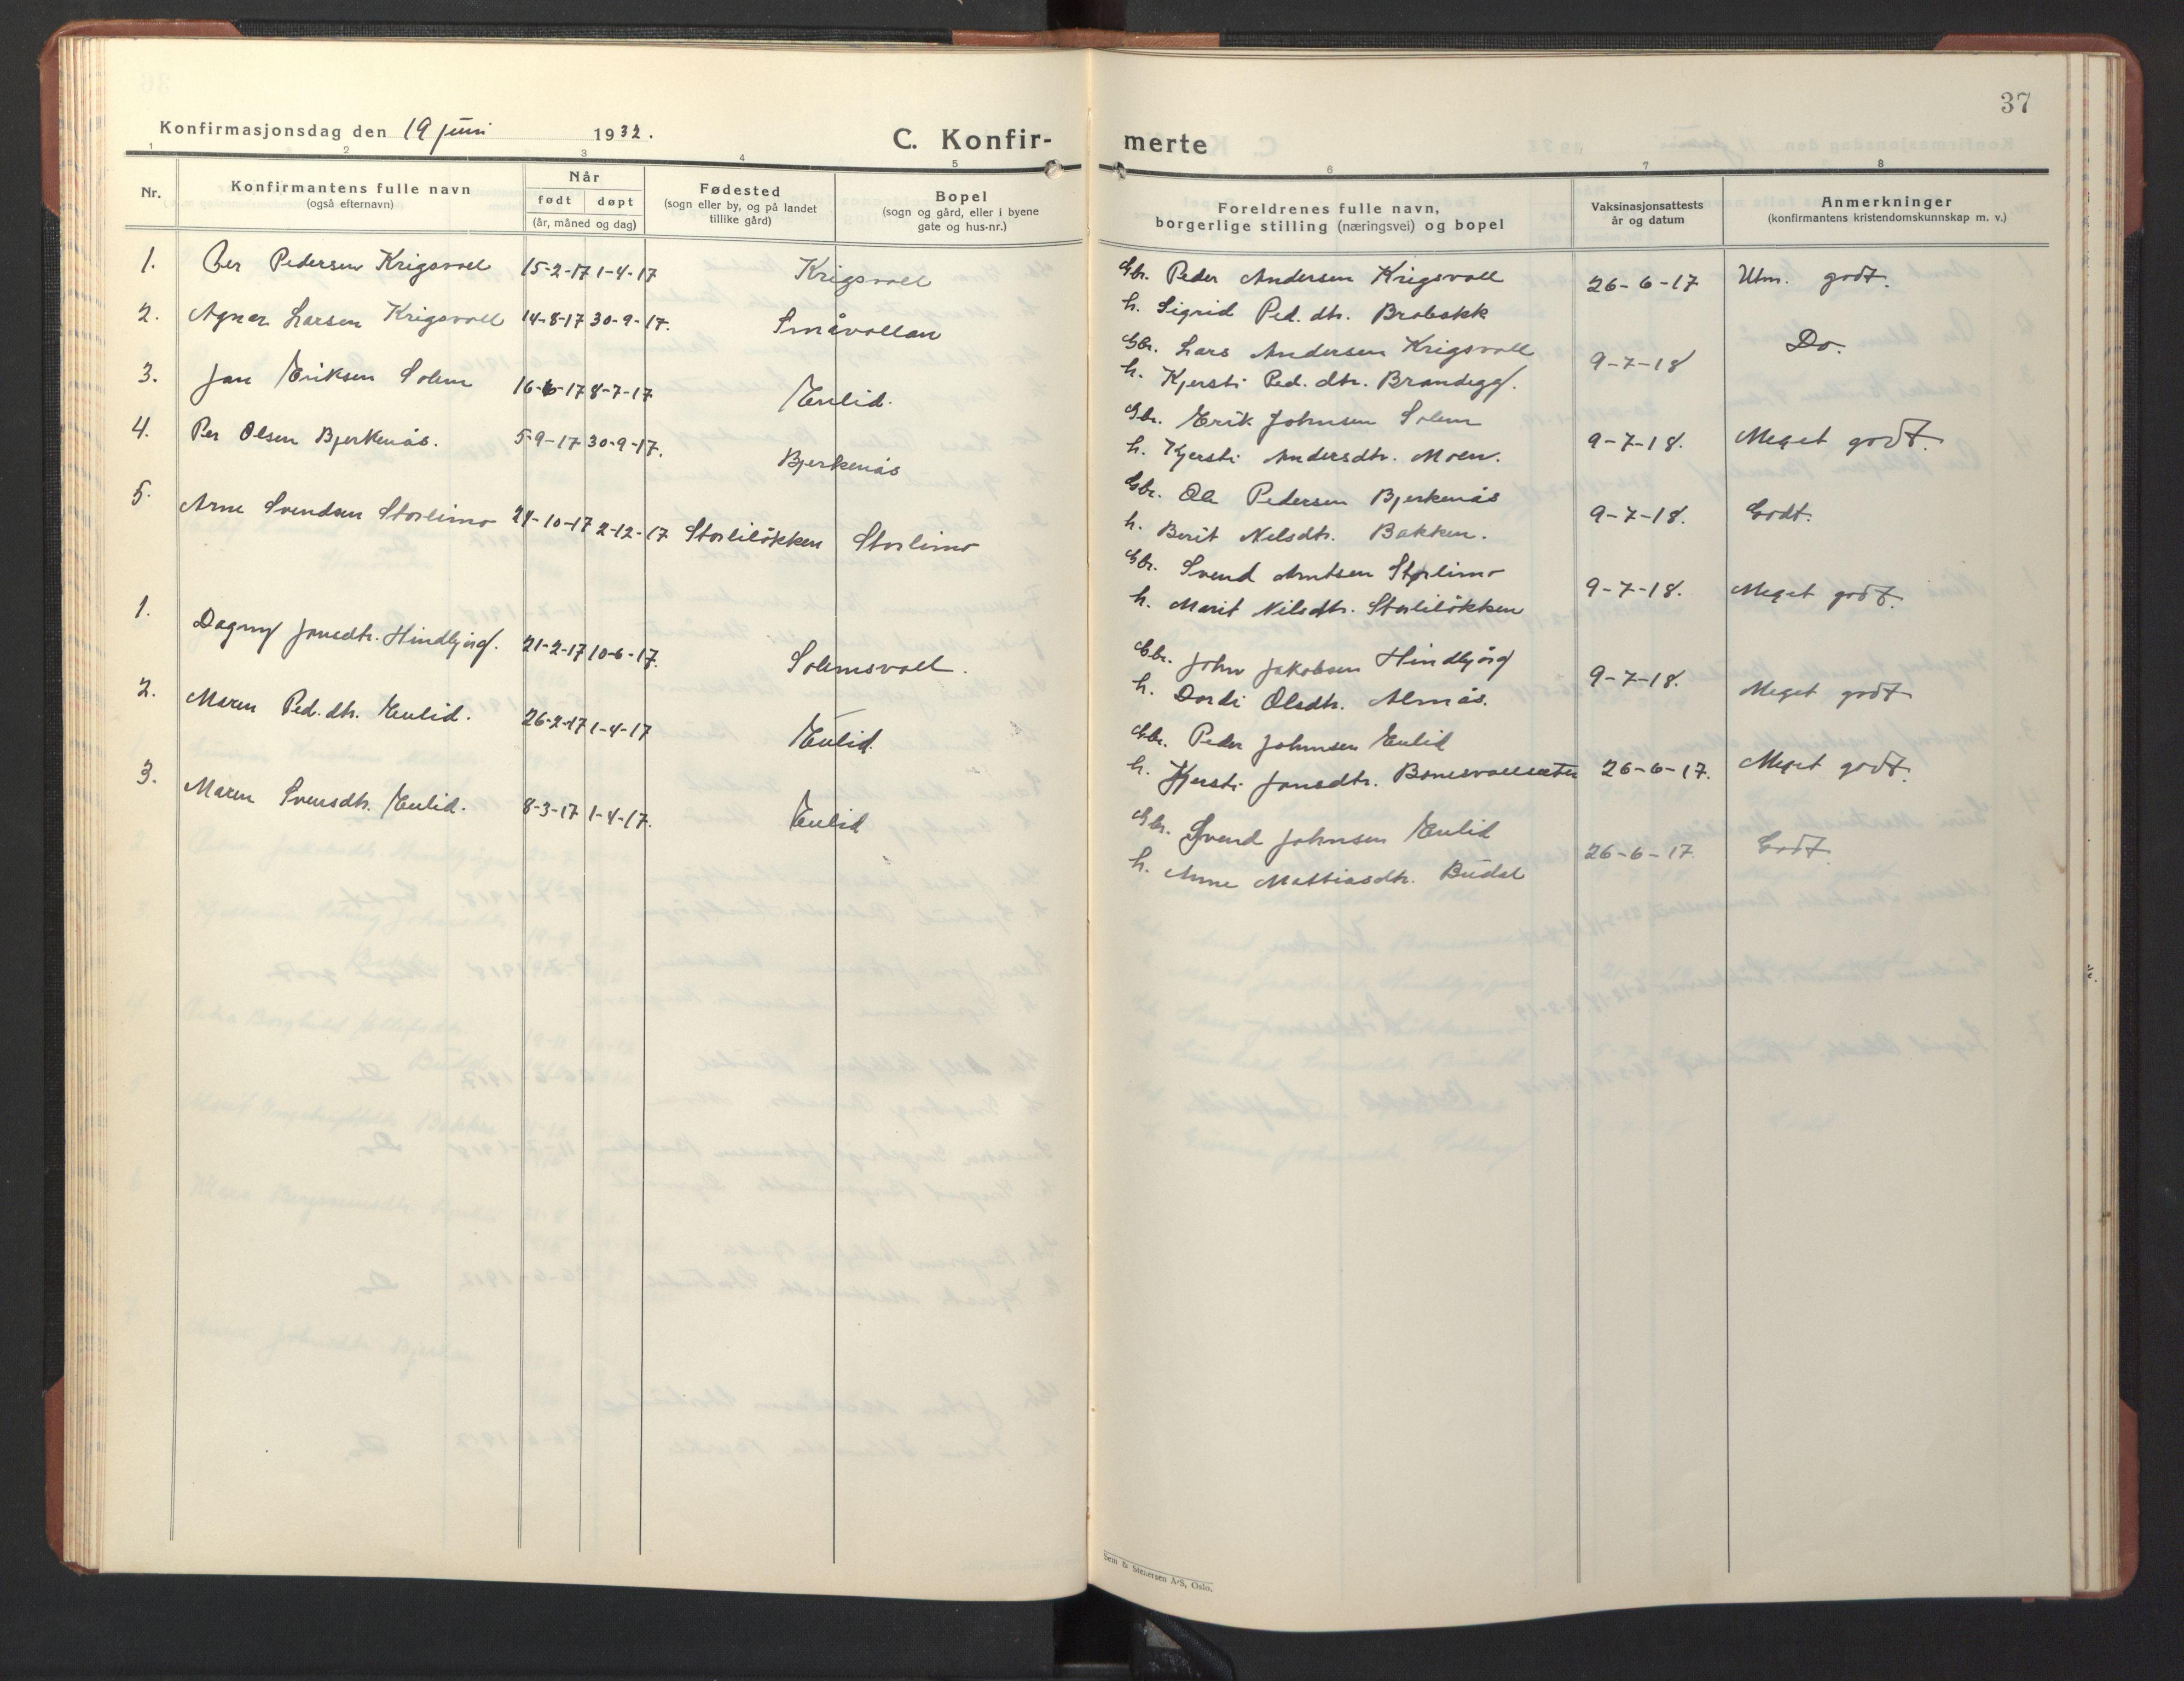 SAT, Ministerialprotokoller, klokkerbøker og fødselsregistre - Sør-Trøndelag, 690/L1053: Klokkerbok nr. 690C03, 1930-1947, s. 37